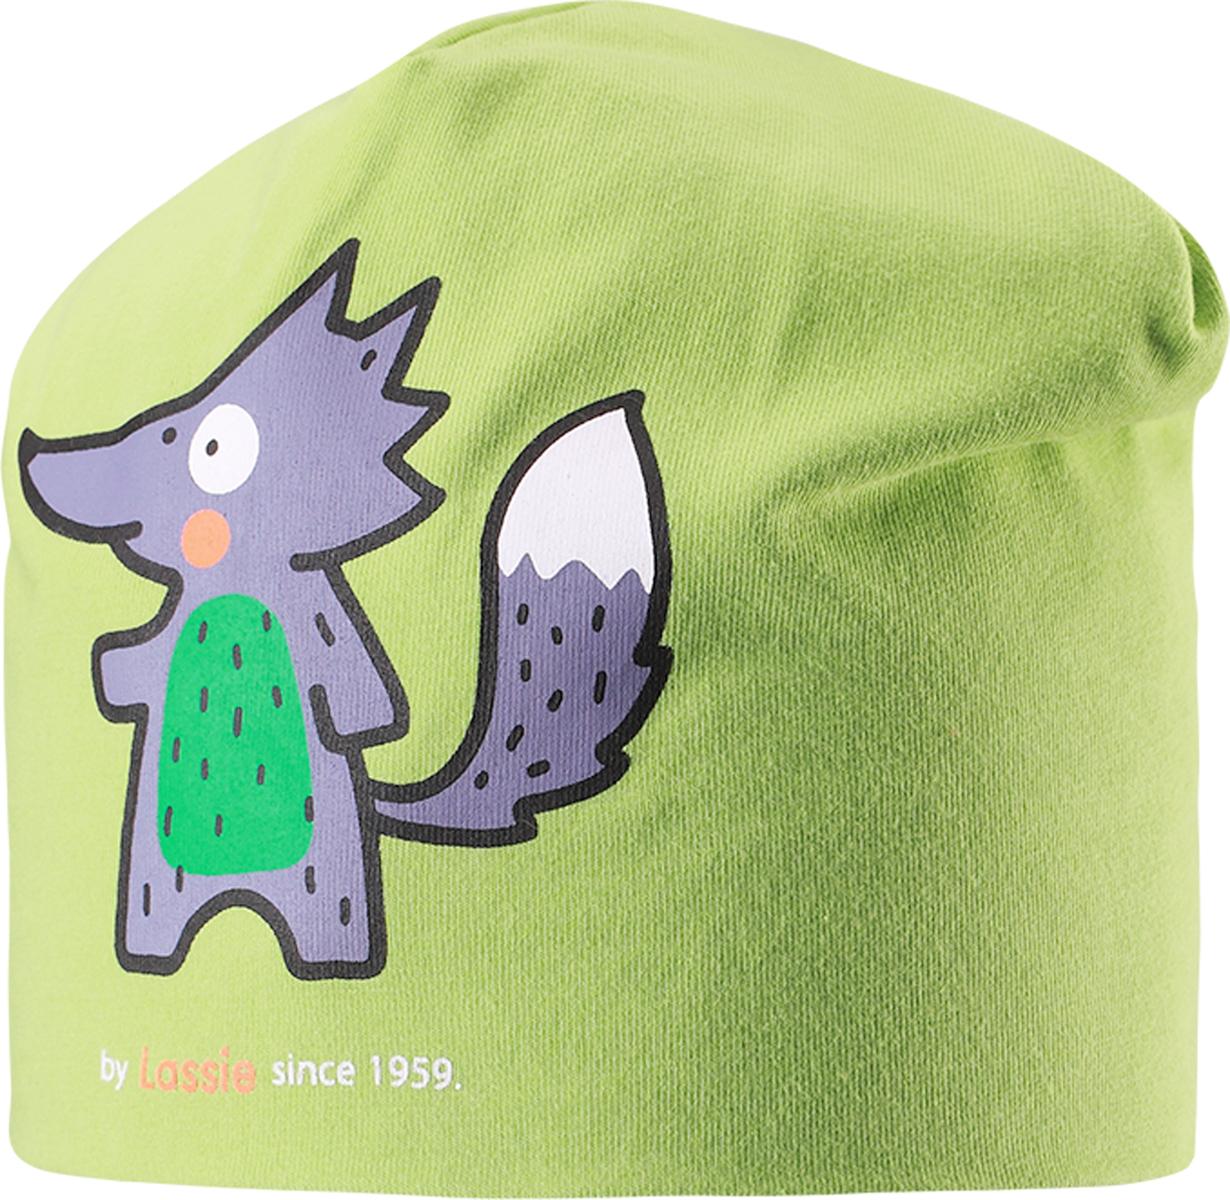 Шапка детская Lassie, цвет: зеленый. 7187178300. Размер 46/487187178300Базовая шапка для малышей с забавным рисунком в лисички. Шапка сделана из легкого и удобного джерси на полной трикотажной подкладке из гладкого дышащего смесового хлопка. Она снабжена рисунком сбоку и светоотражающей эмблемой на заднем шве.